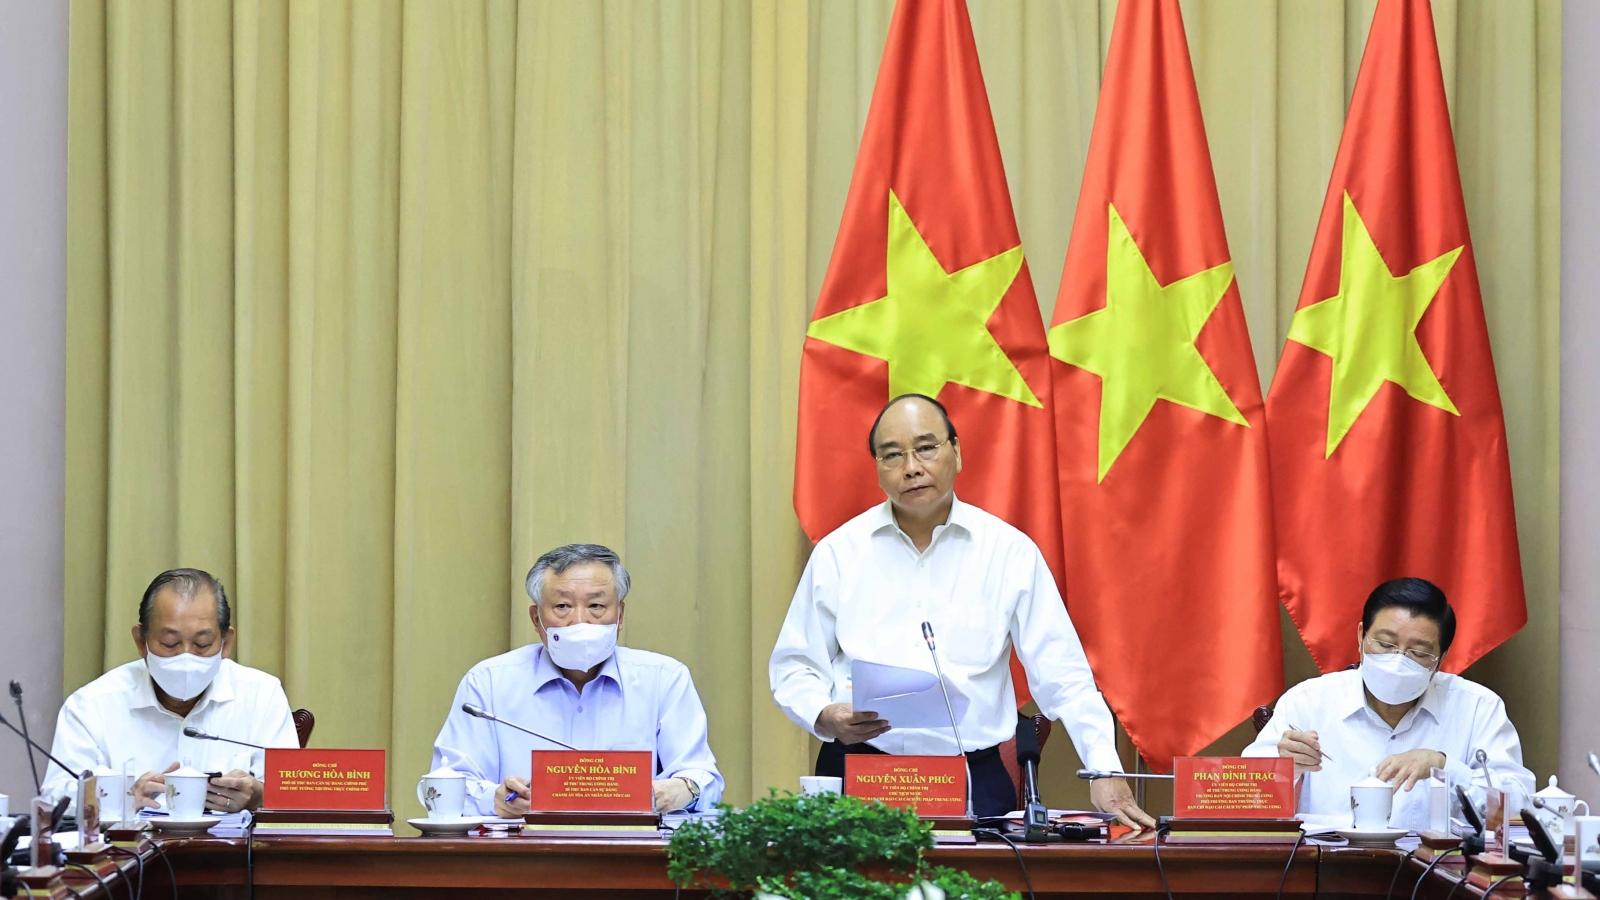 Chủ tịch nước: Nâng cao hiệu quả hoạt động của Tòa án trong tình hình mới